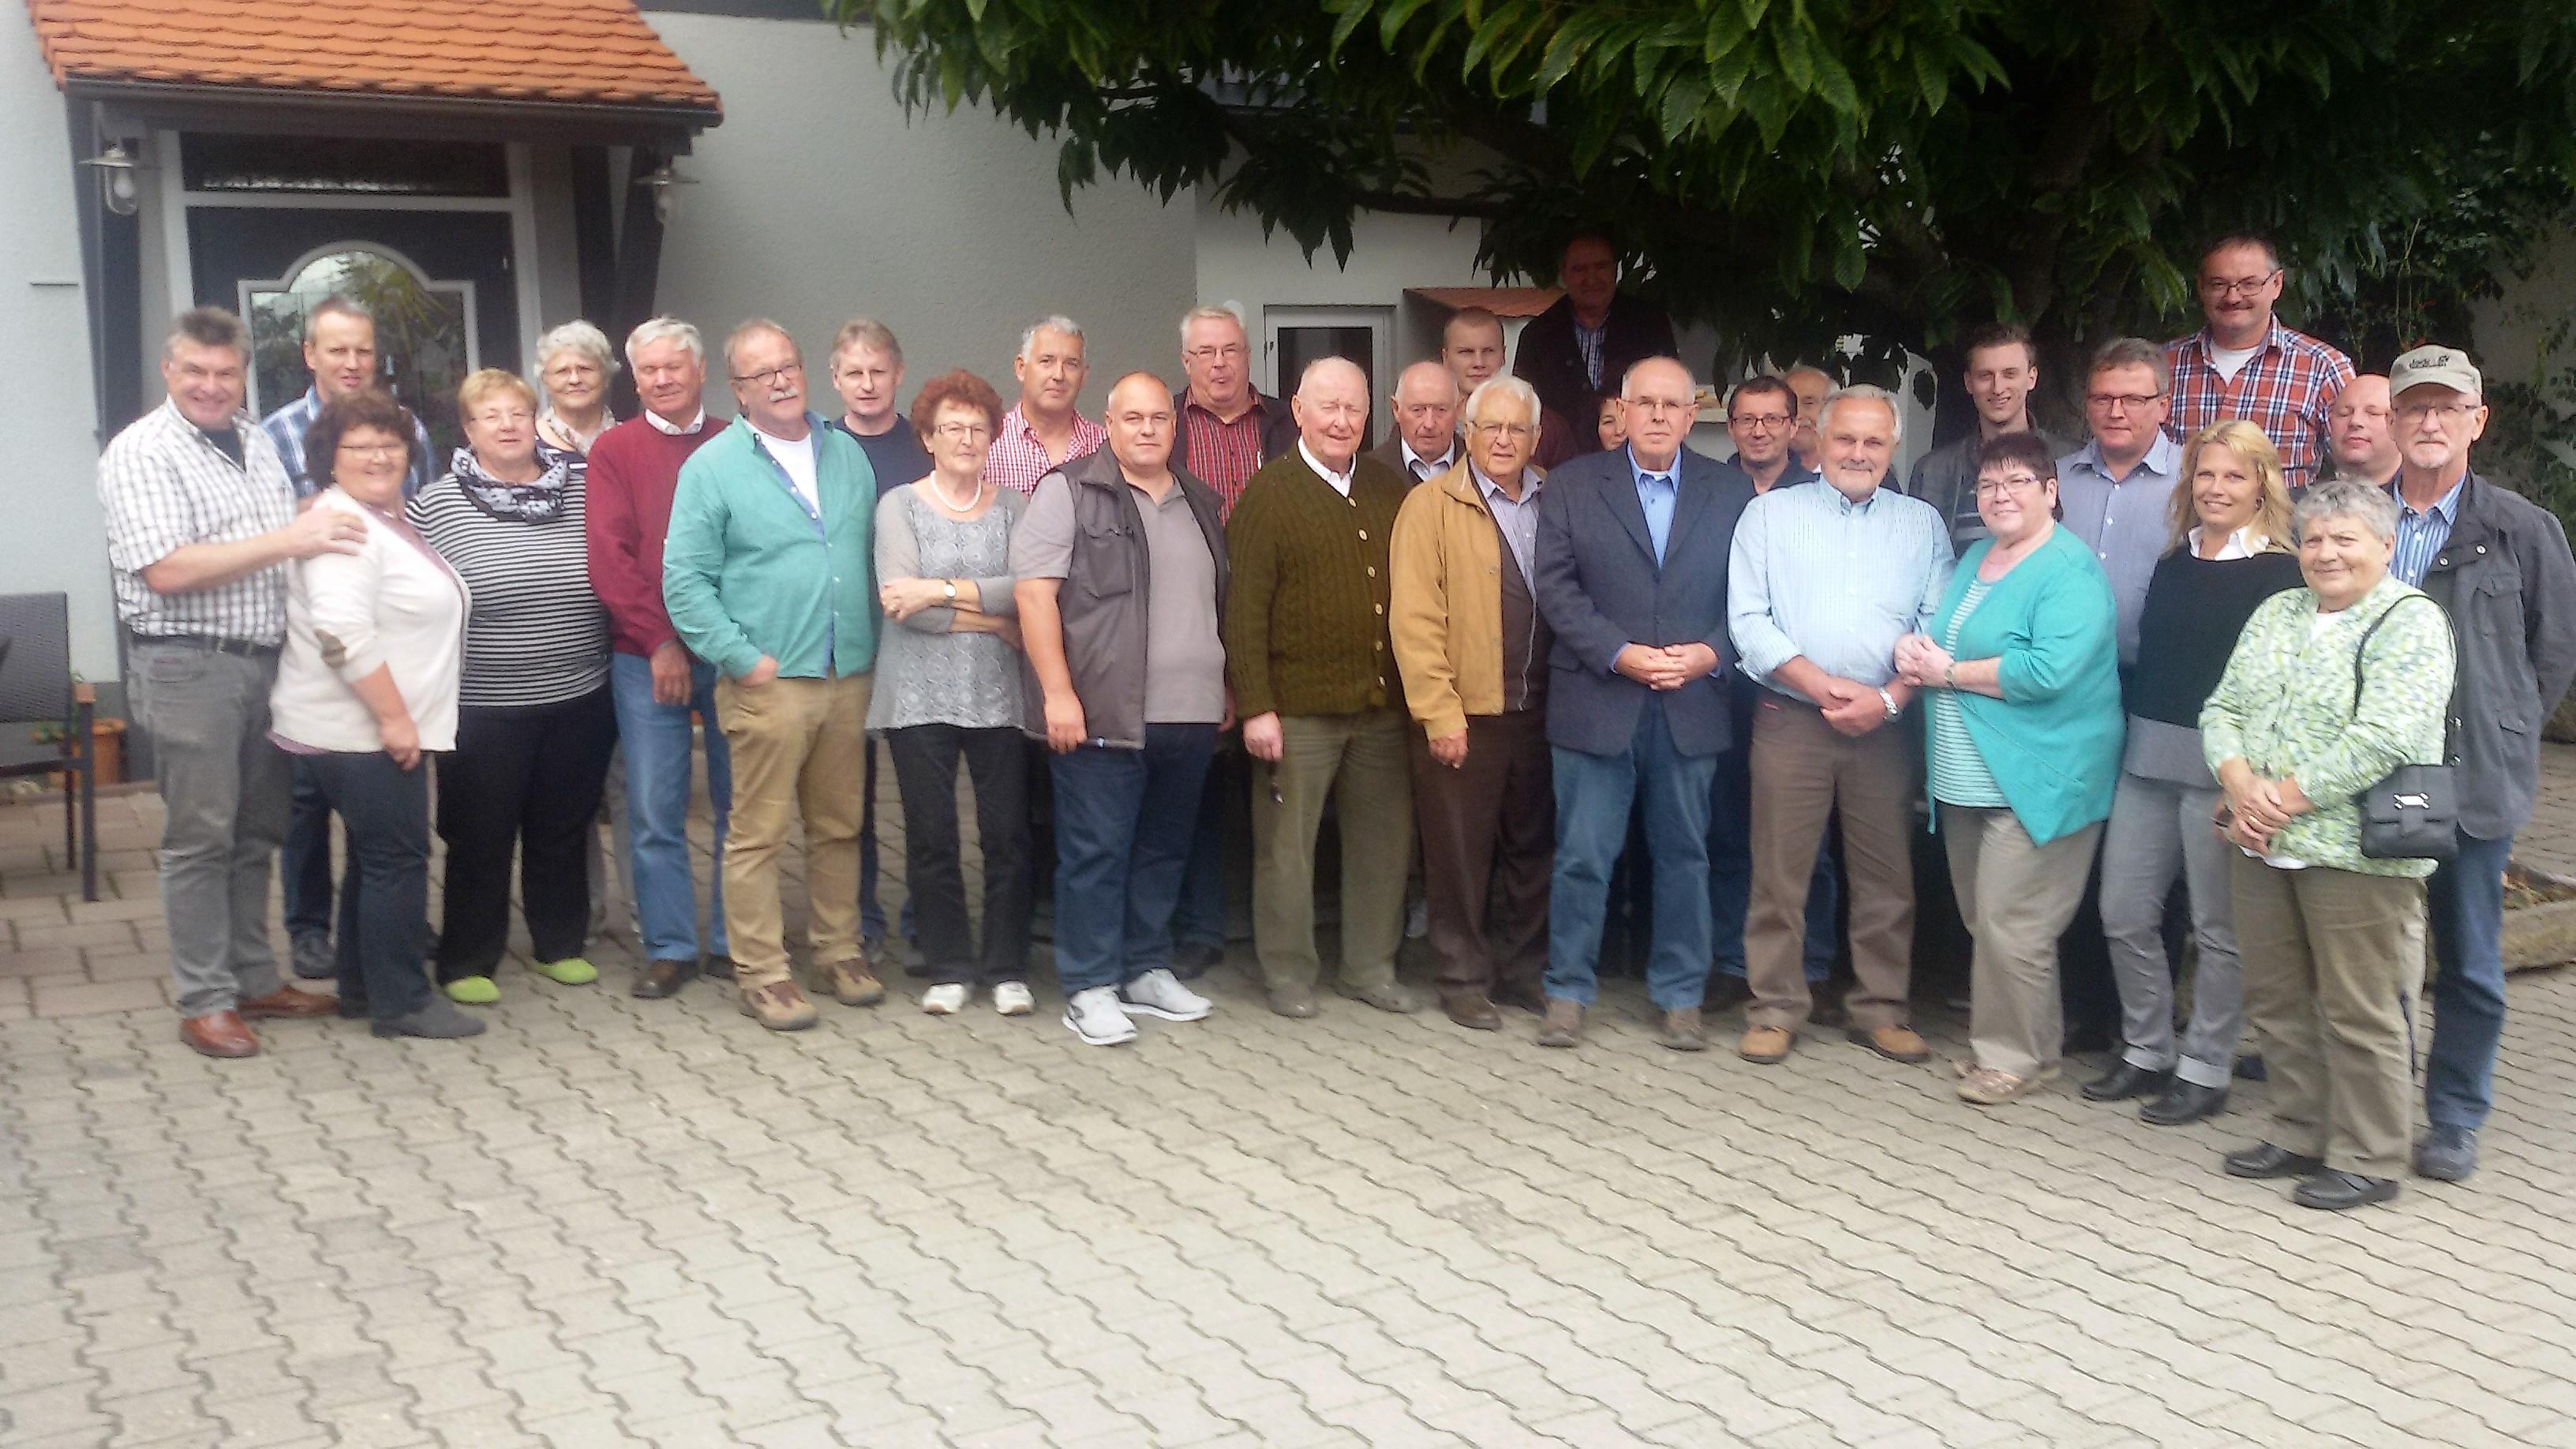 Jungtierschau am 03. Oktober 2016 in Hangen-Weisheim